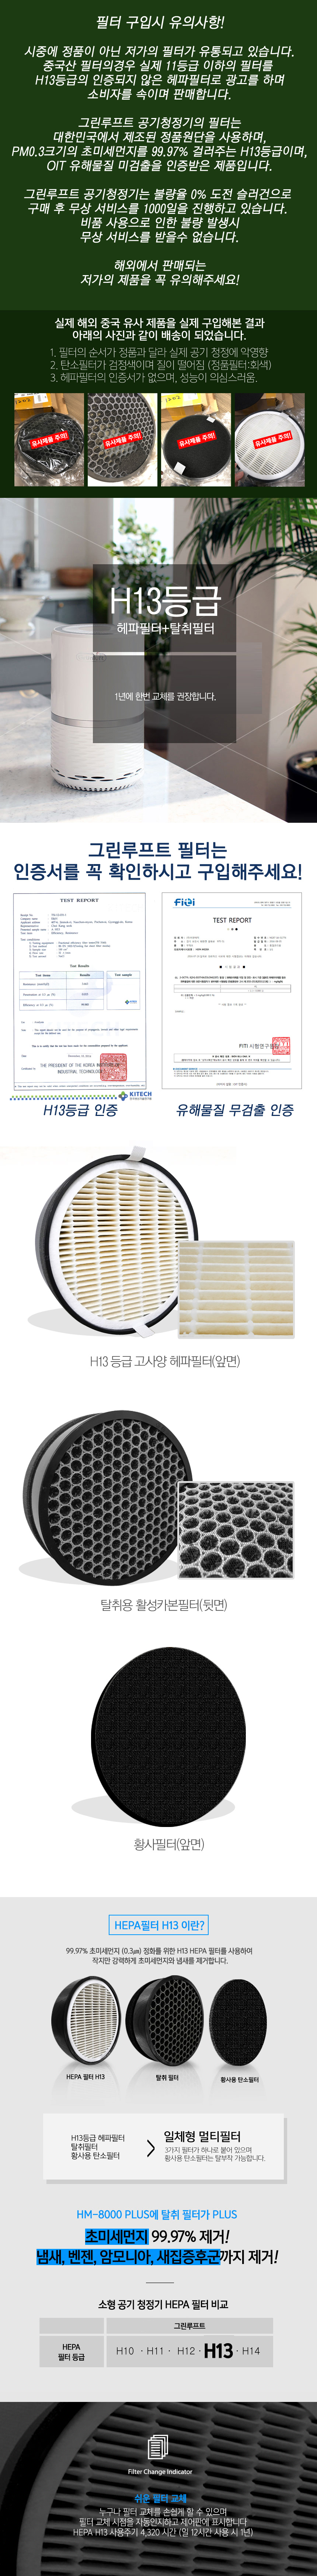 그린루프트 공기청정기 HM-8000 PLUS 전용필터 - 그린루프트, 35,000원, 공기청정기, 공기청정기